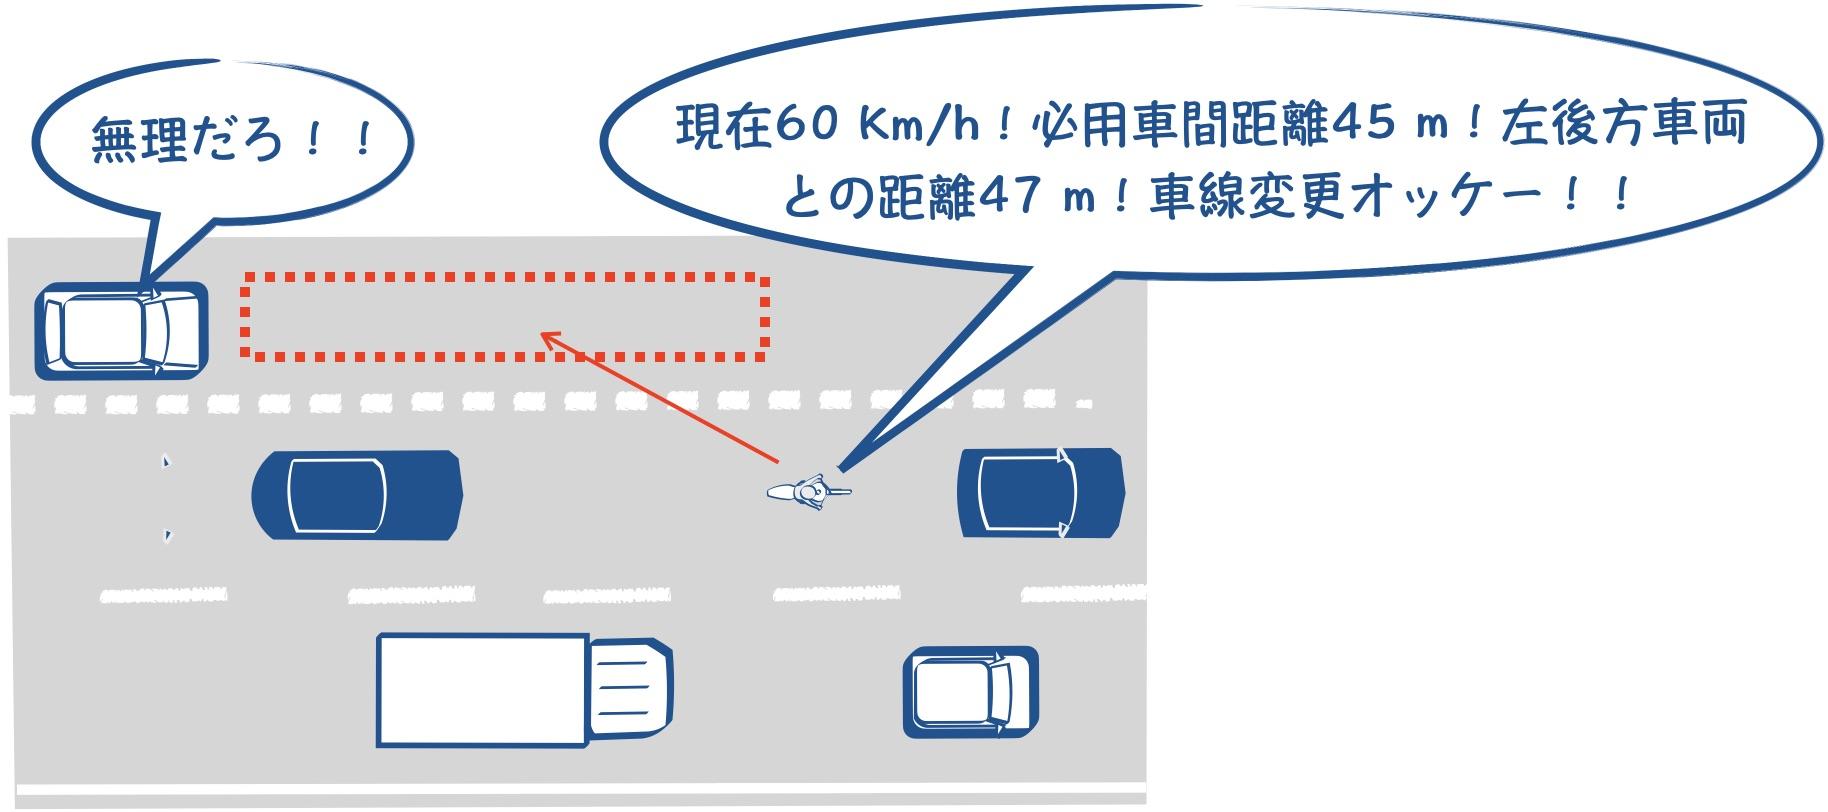 車間距離の適正の図